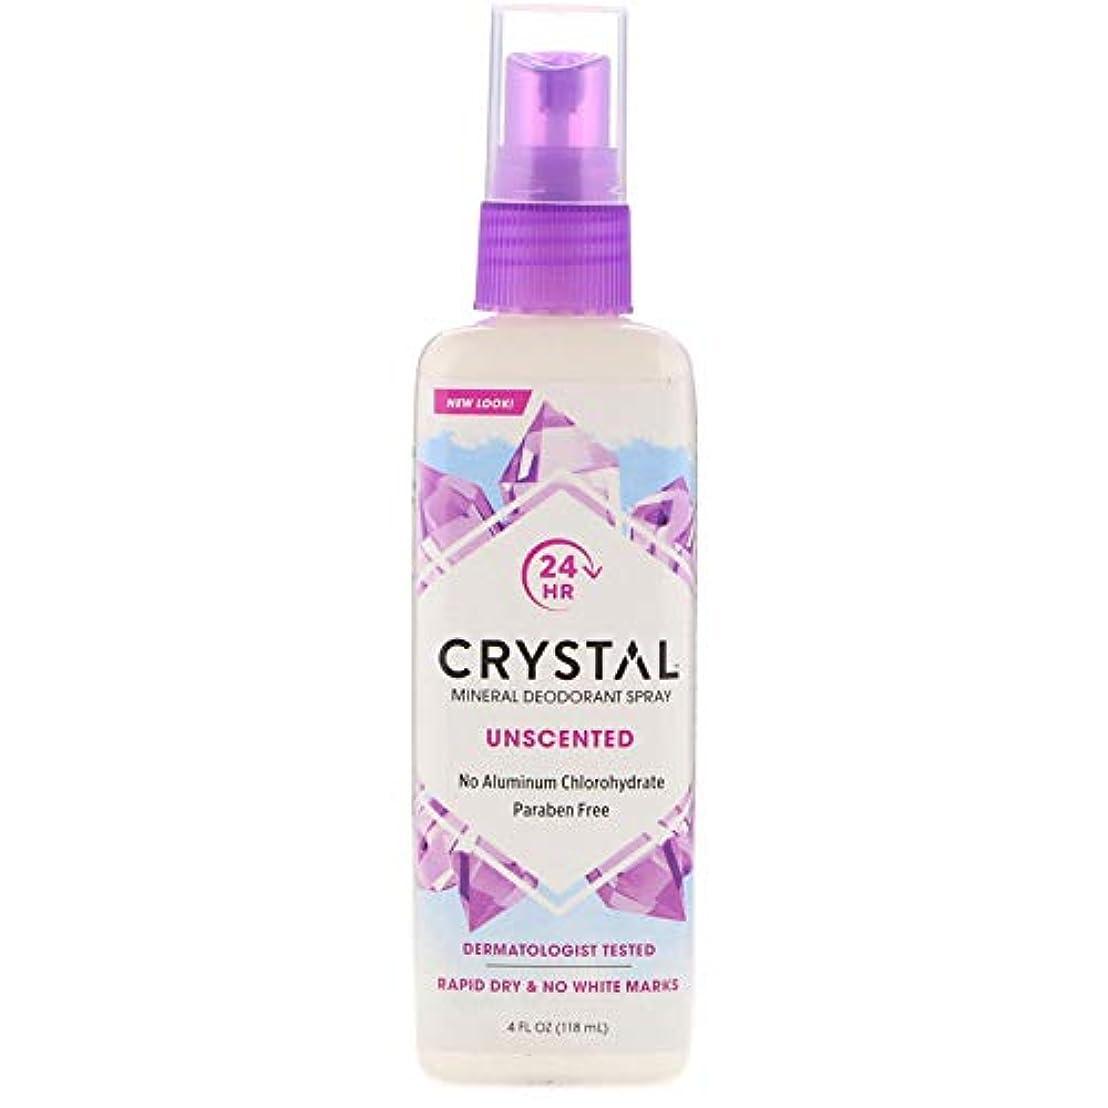 主張歩き回る広々クリスタル(Crystal) ミネラルデオドラントスプレー(無香料) 118ml [並行輸入品]